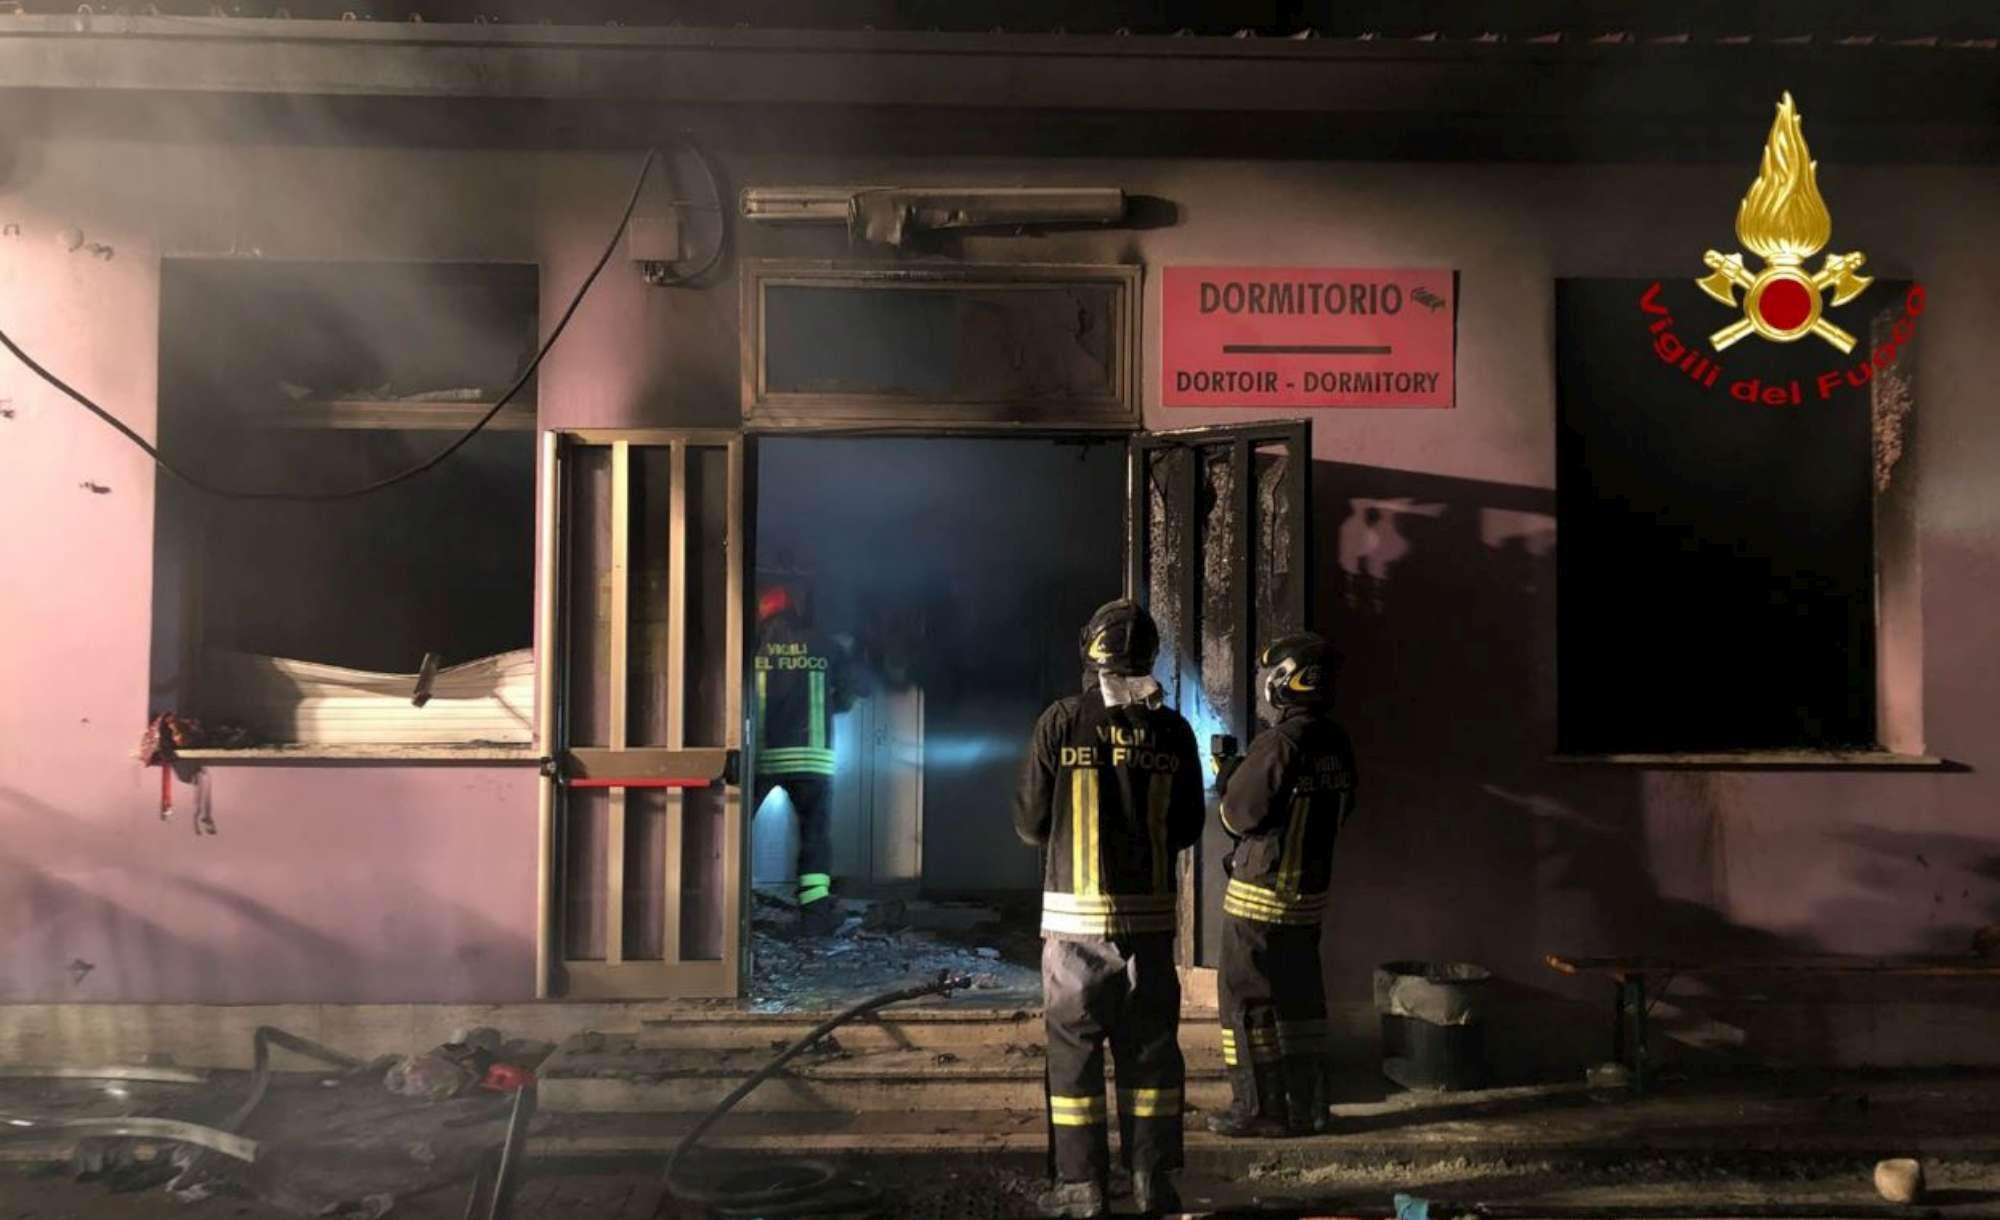 Incendio in una camera del centro accoglienza profughi di Bagnoli: quattro feriti